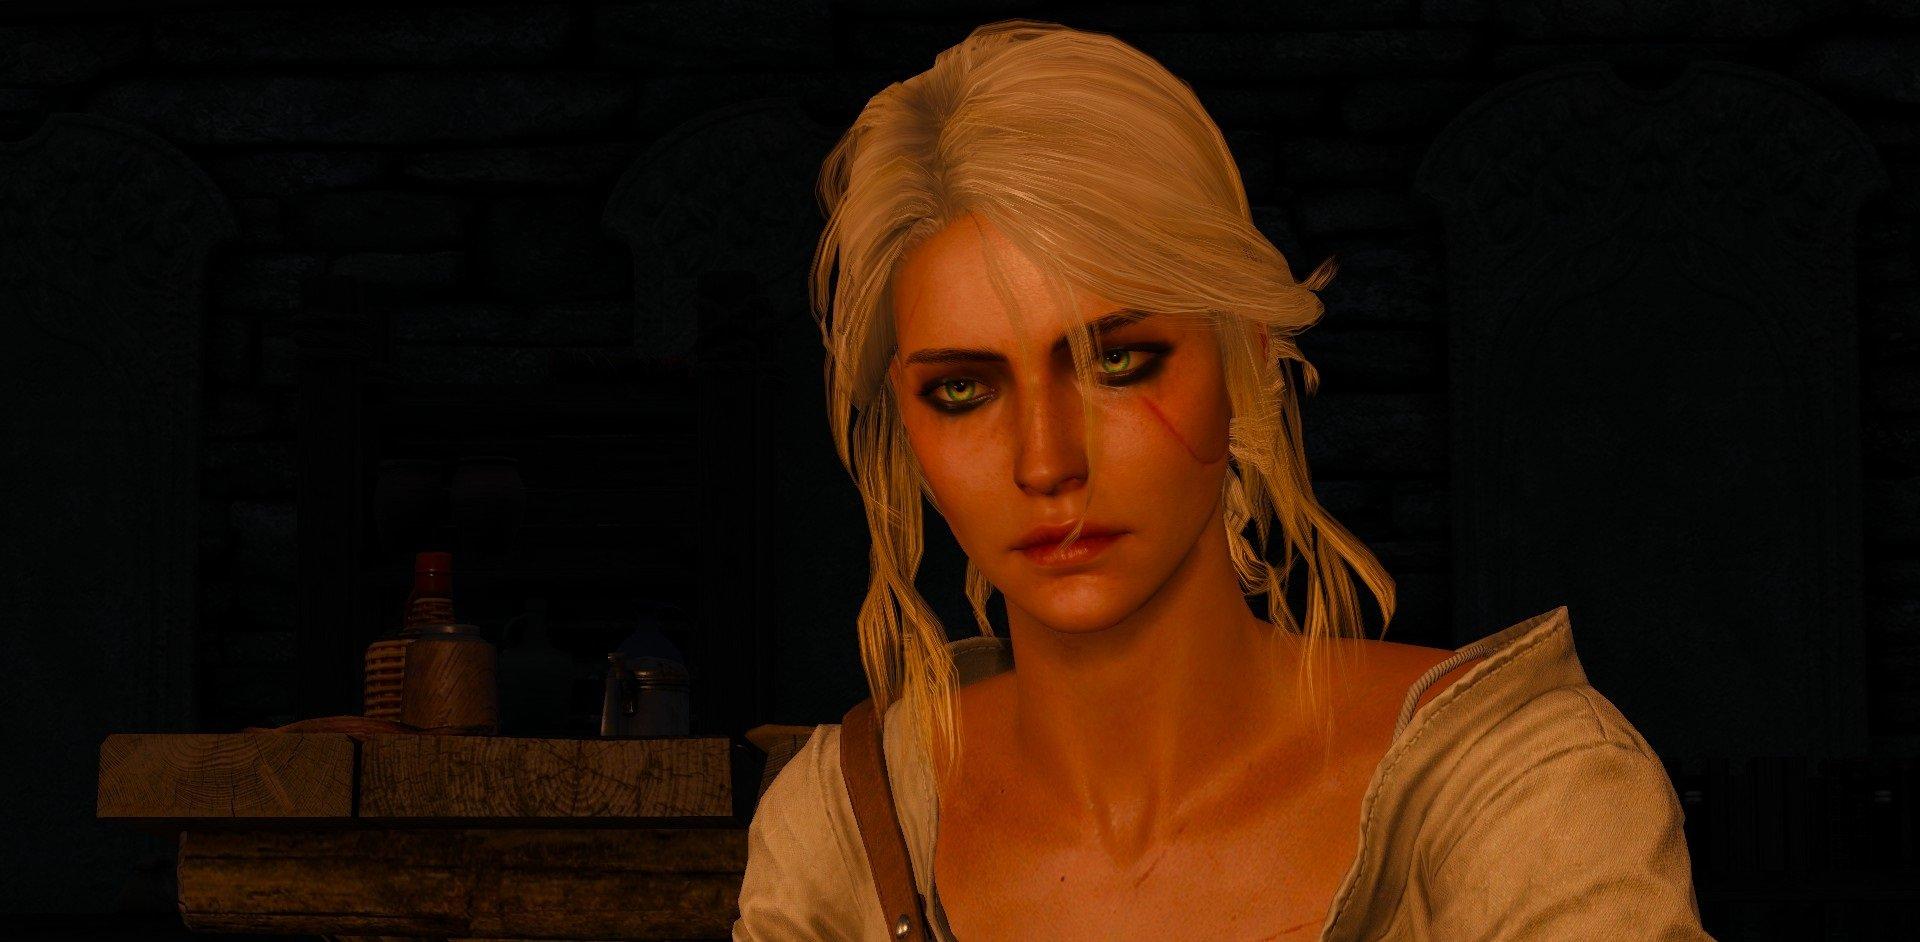 The Witcher 3: Wild Hunt. Бесплатное DLC 14  Alternative Look for Ciri.   Альтернативный вид Цири.   DLC 13   DLC 11 ... - Изображение 1